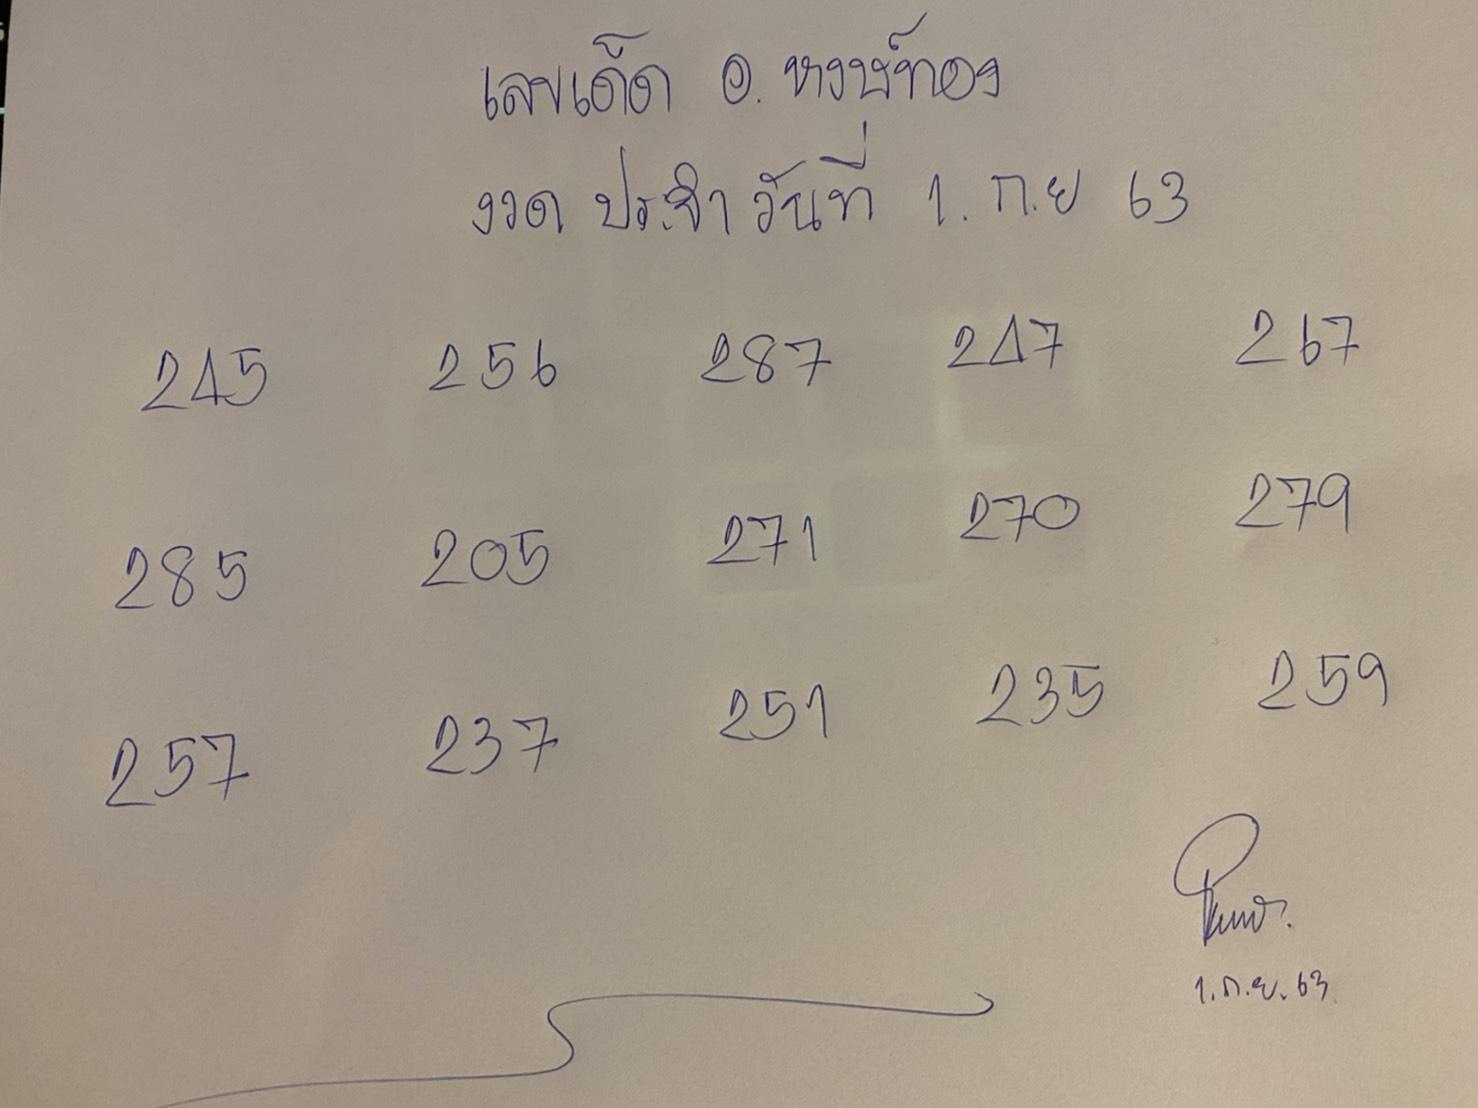 เลขเด็ดอาจาร์ยหงษ์ทอง งวด 1/09/2563